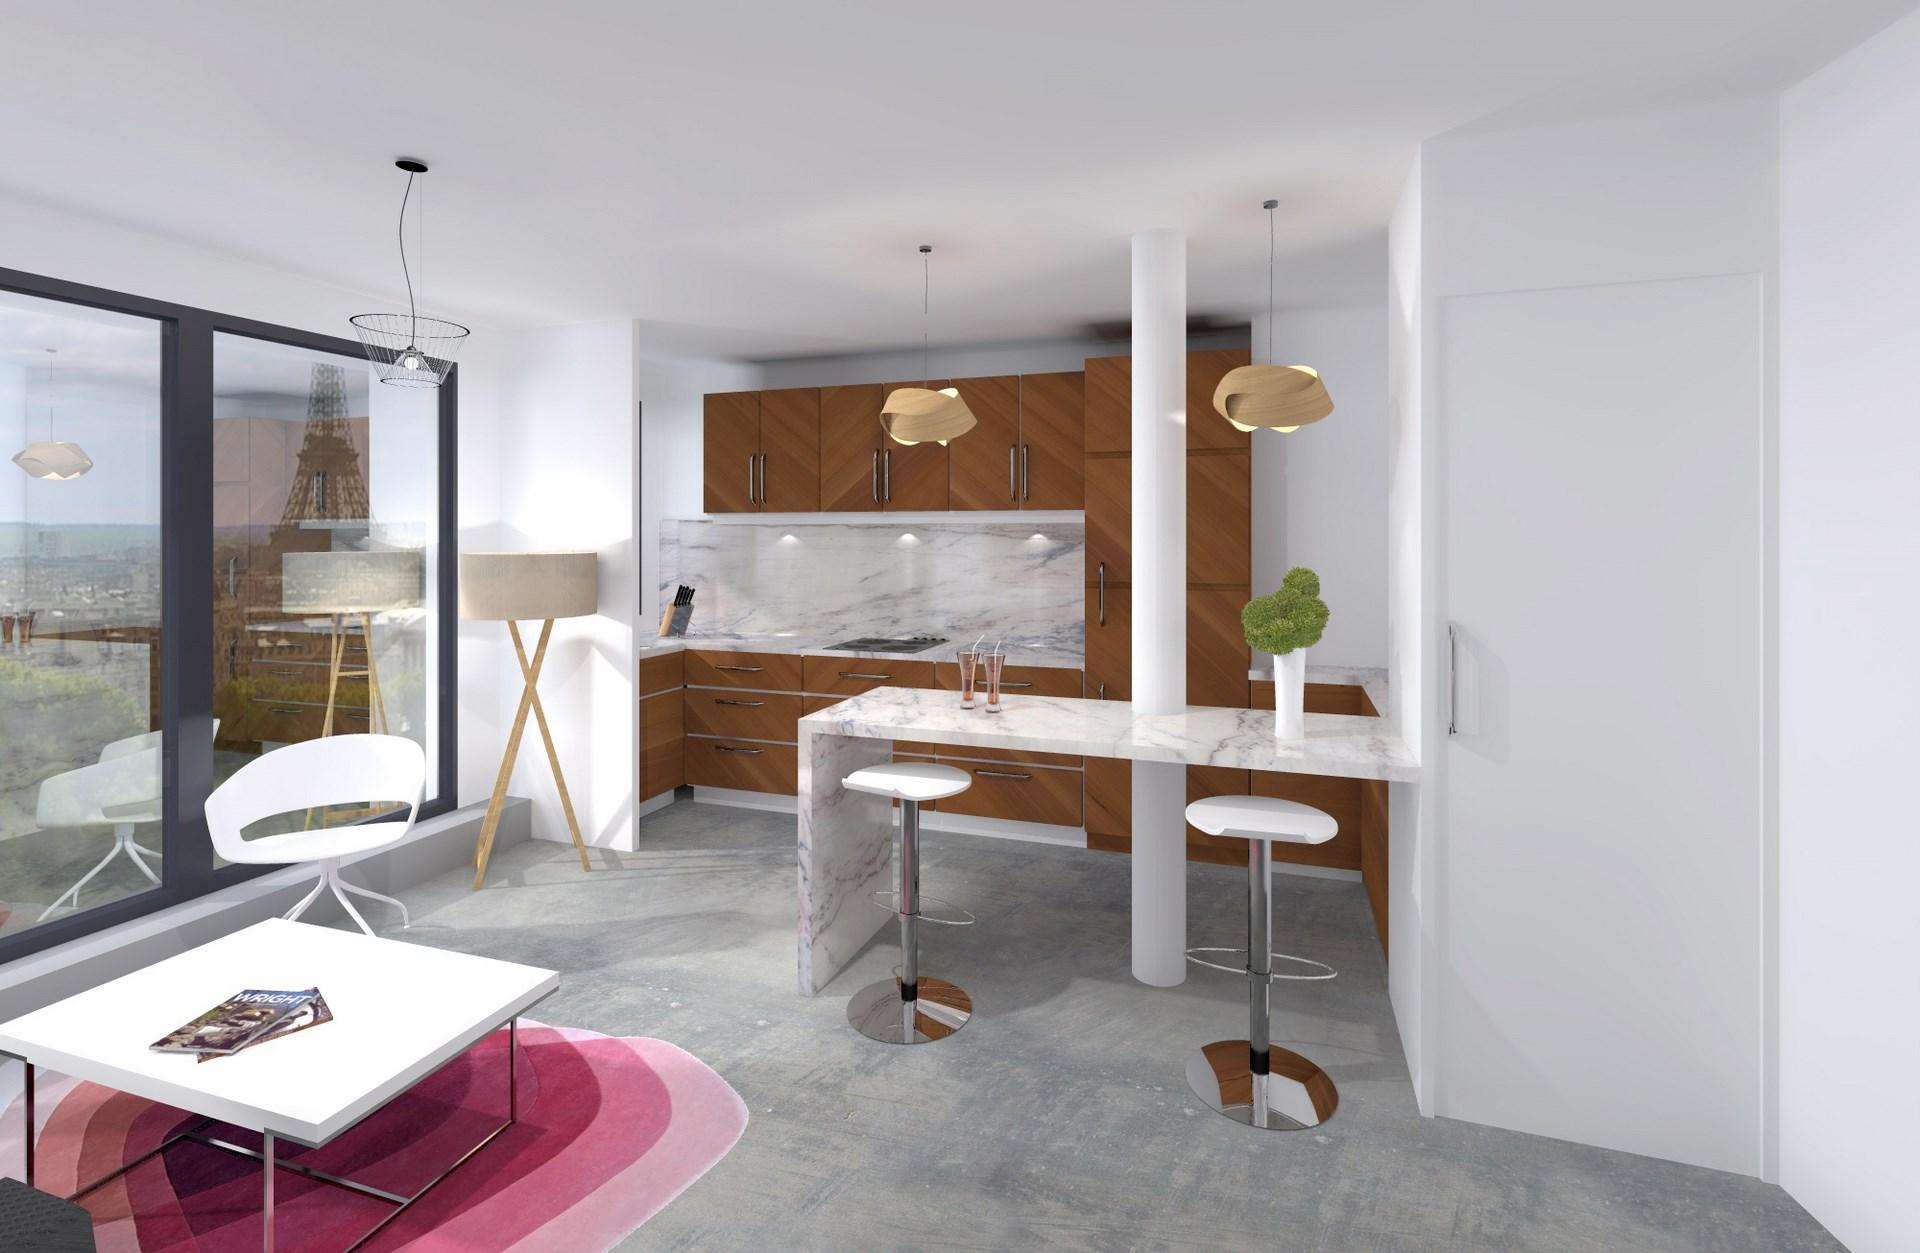 architecte interieur paris marbre bois realisation haut de gamme agence avous